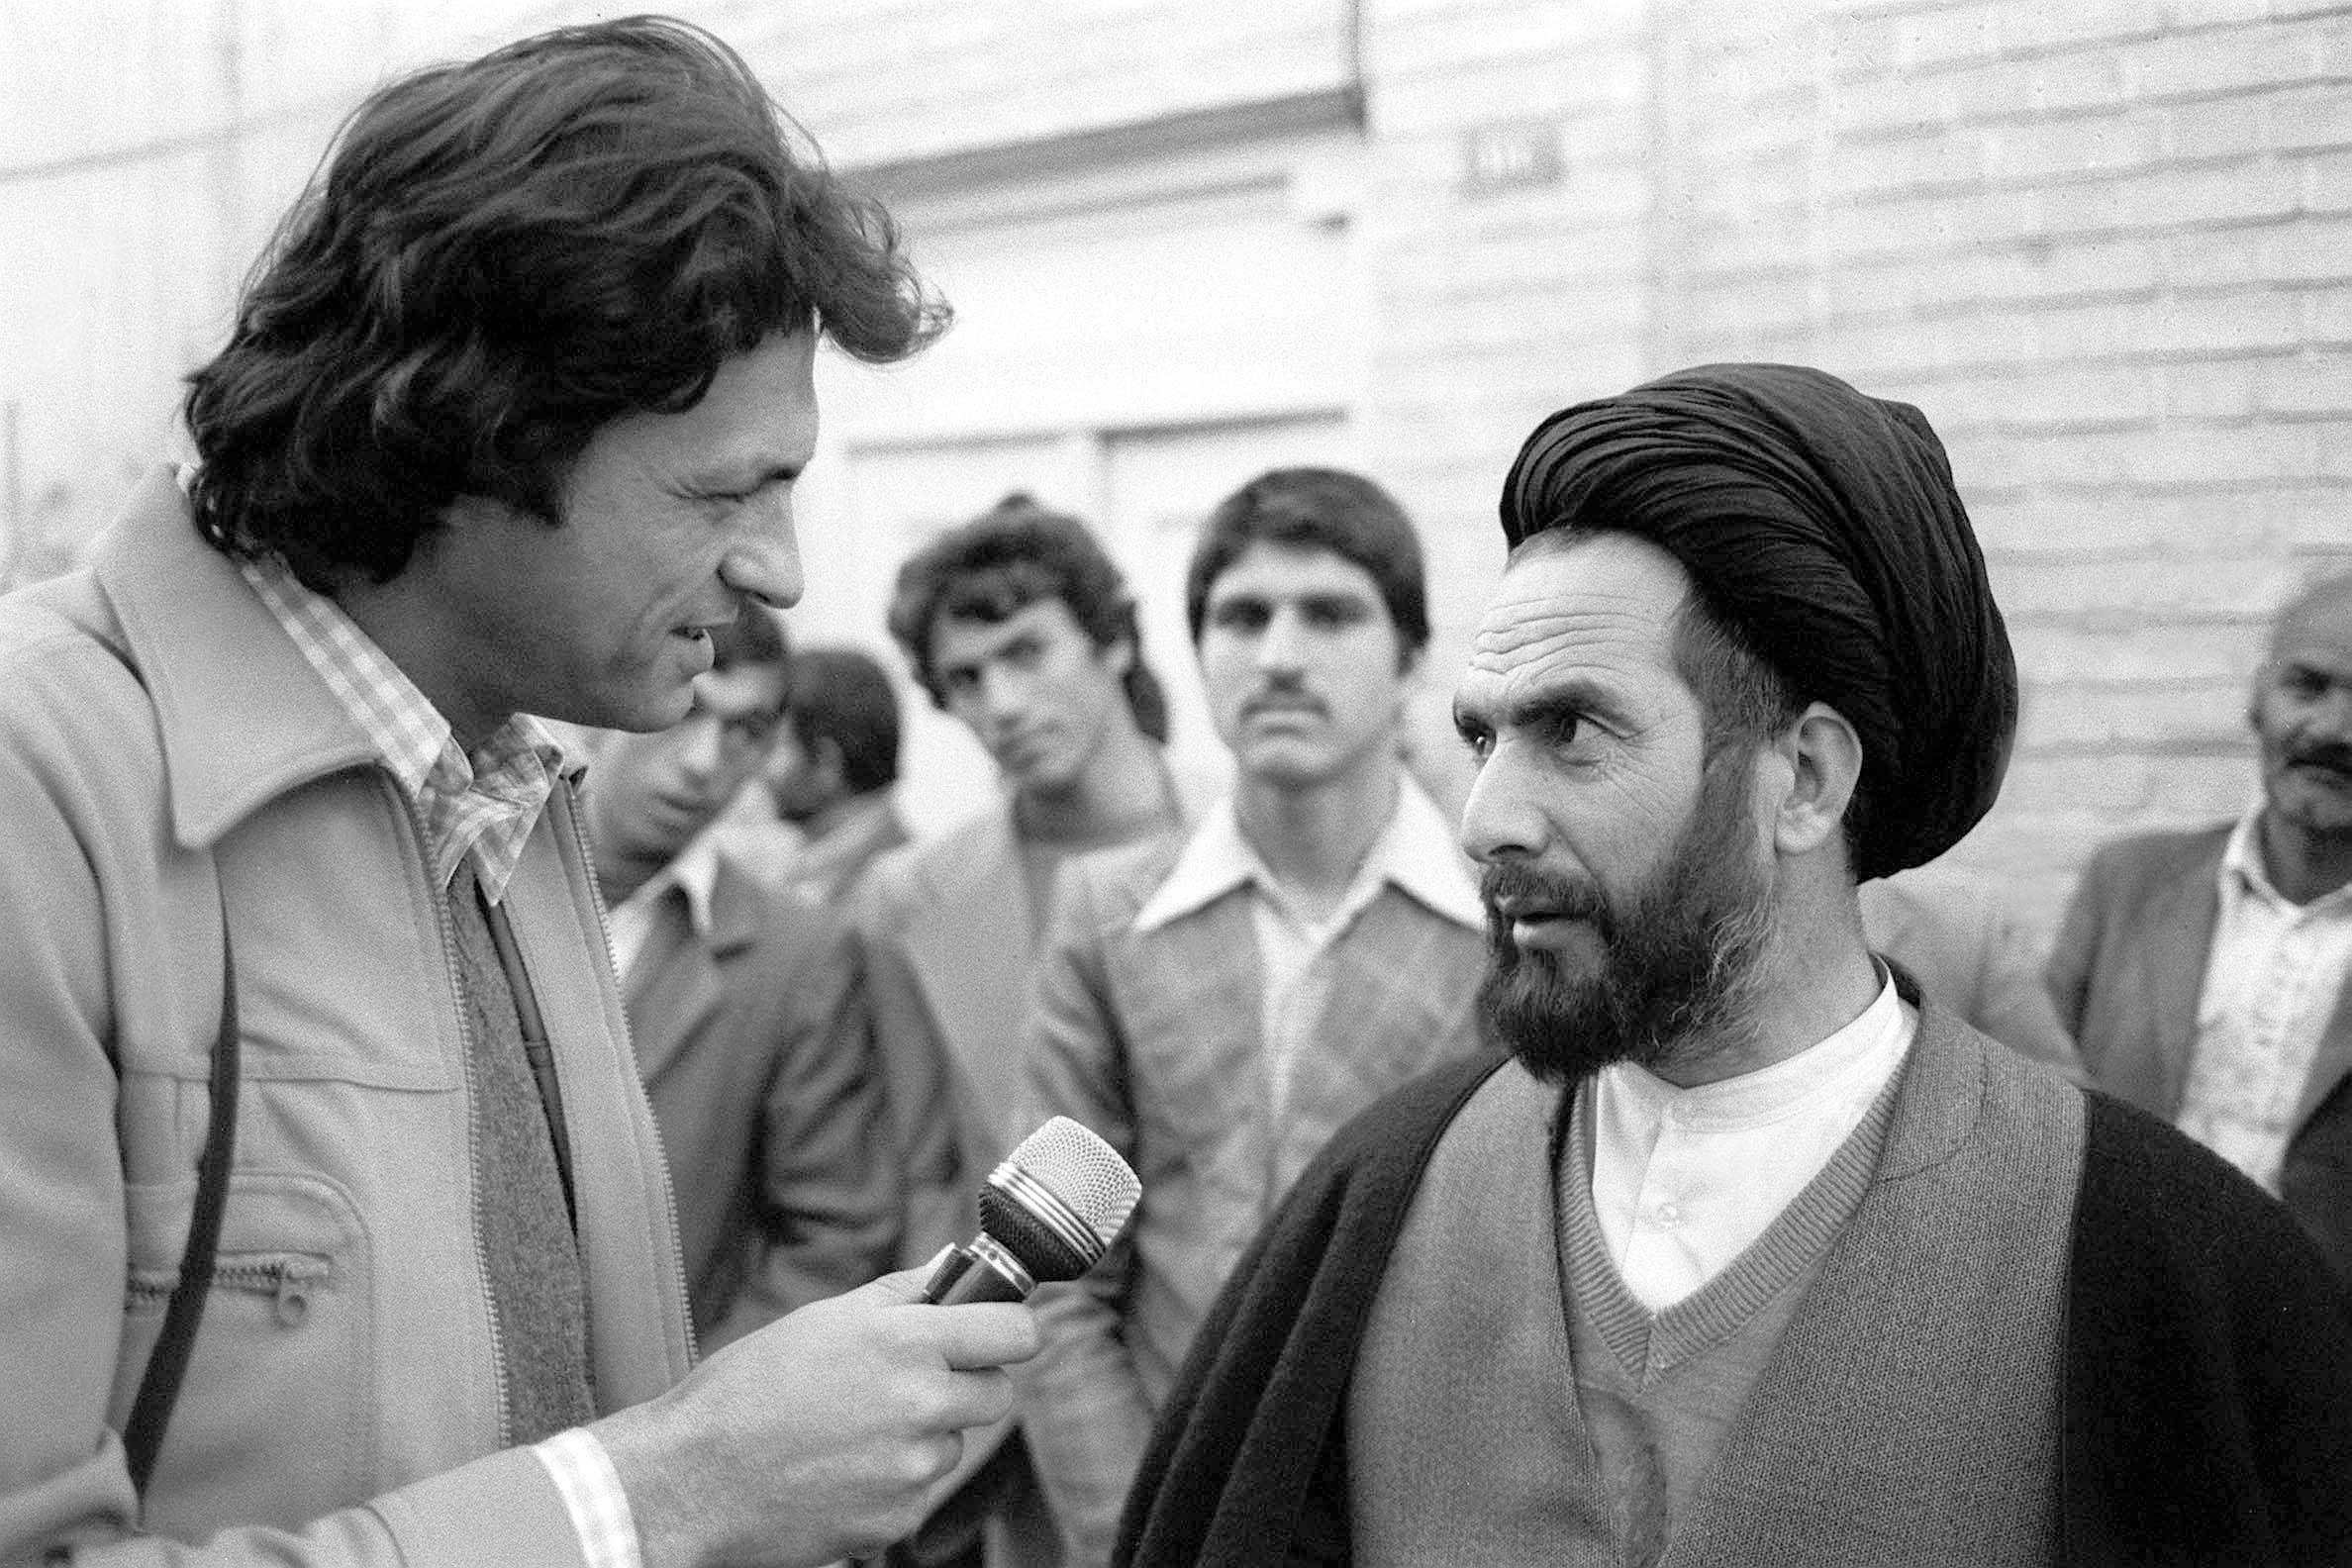 1979, Chrudinák Alajos, a televízió munkatársa interjút készít Kazem Shariat-Madari ajatollah vallási vezetõvel / Fotó: MTI